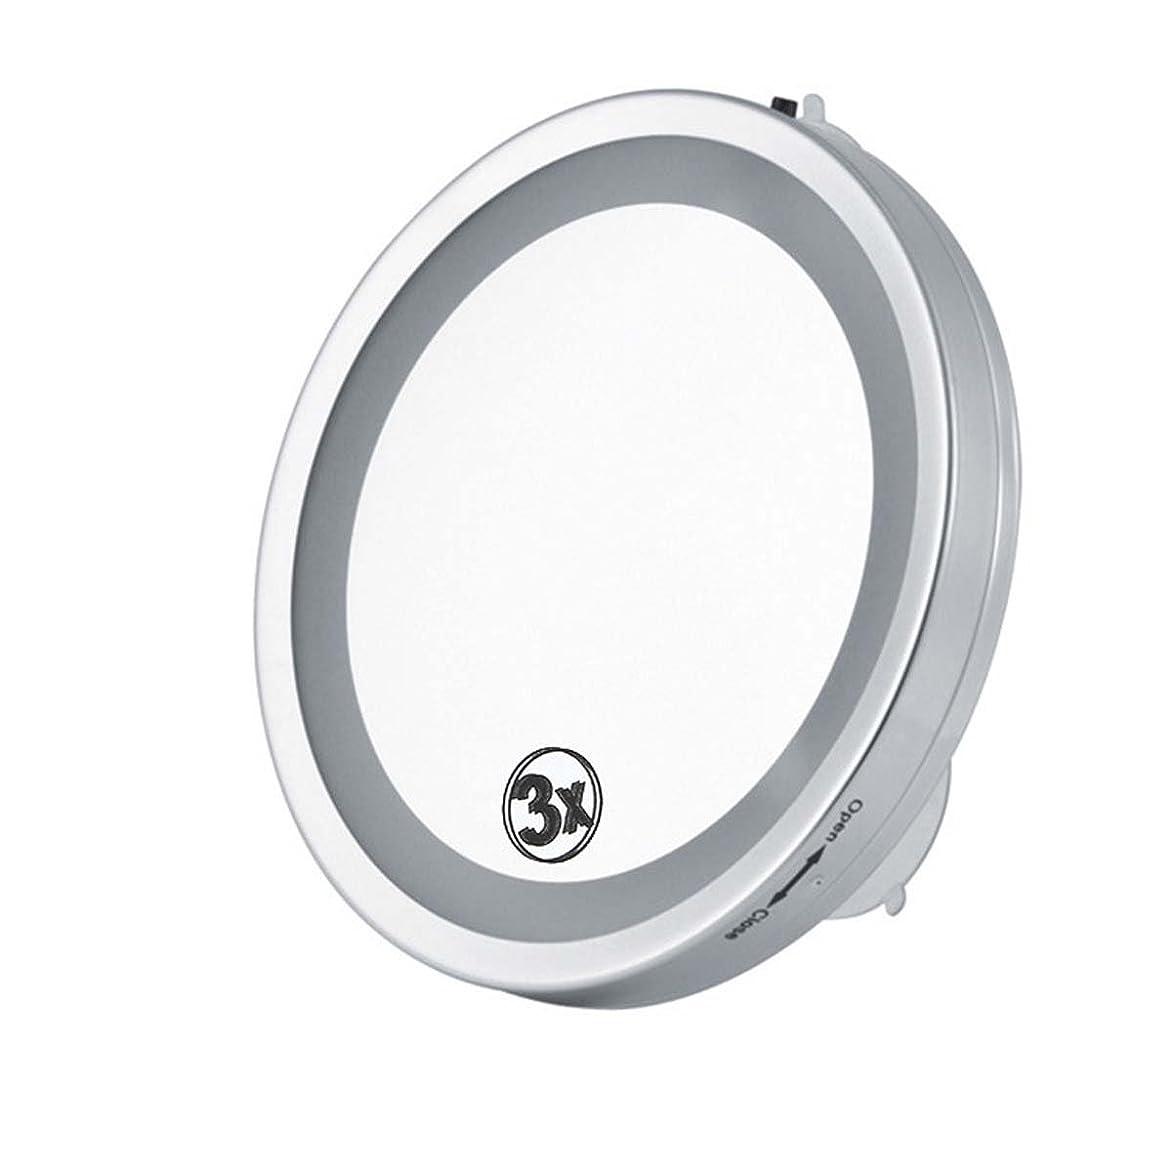 質量処分した堀ランプ付き6インチ壁掛け化粧鏡、片面吸盤デザイン、3倍の防水防水と防錆、ワンタッチプッシュスイッチ